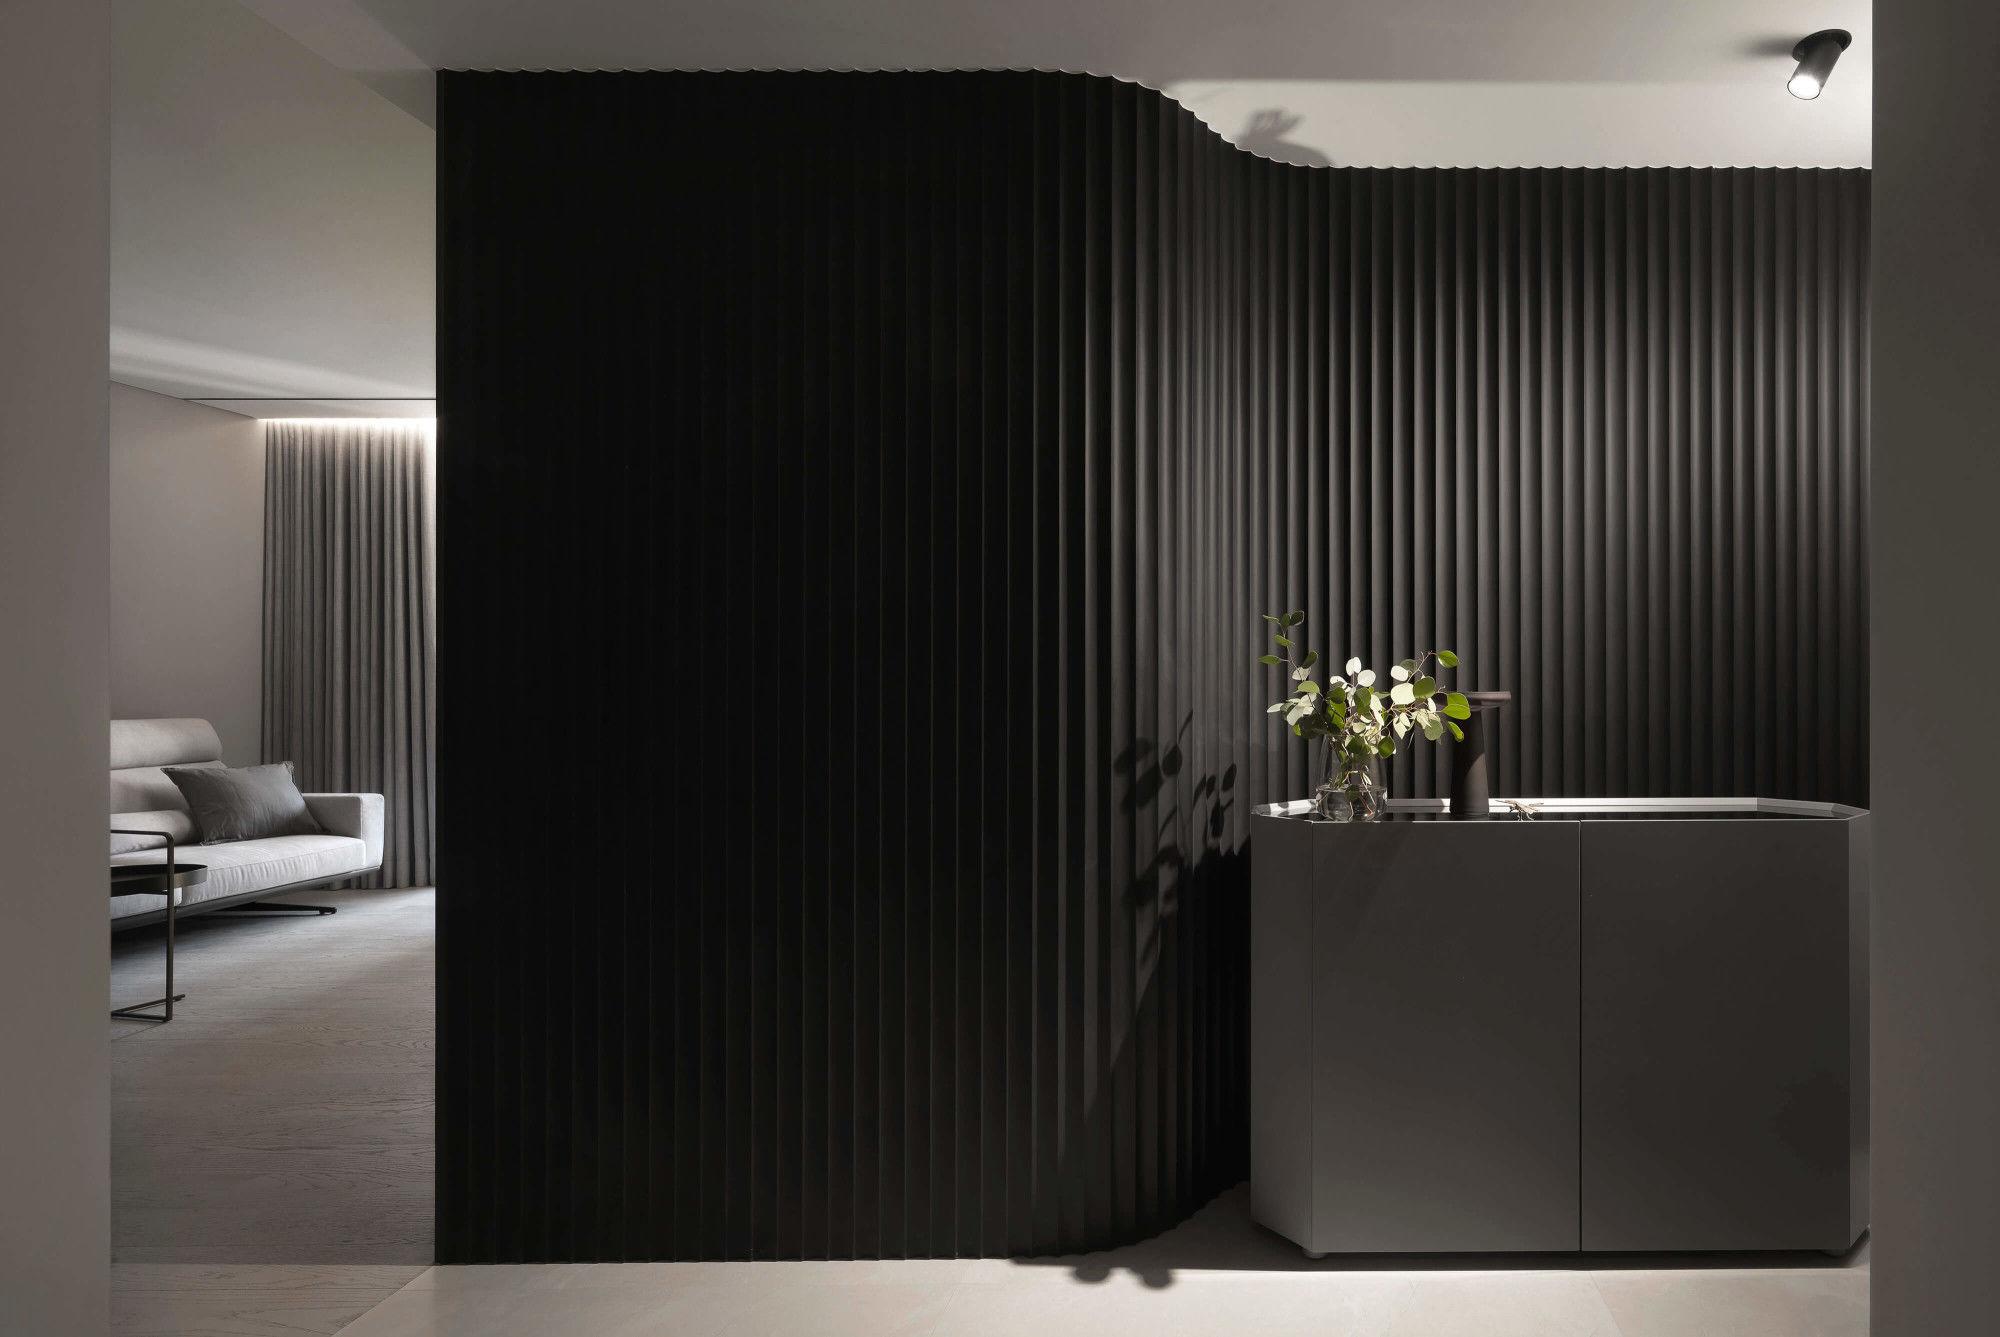 台中分子設計-現代風設計師-台中七期室內設計-電梯大樓整體規劃-造型玄關設計